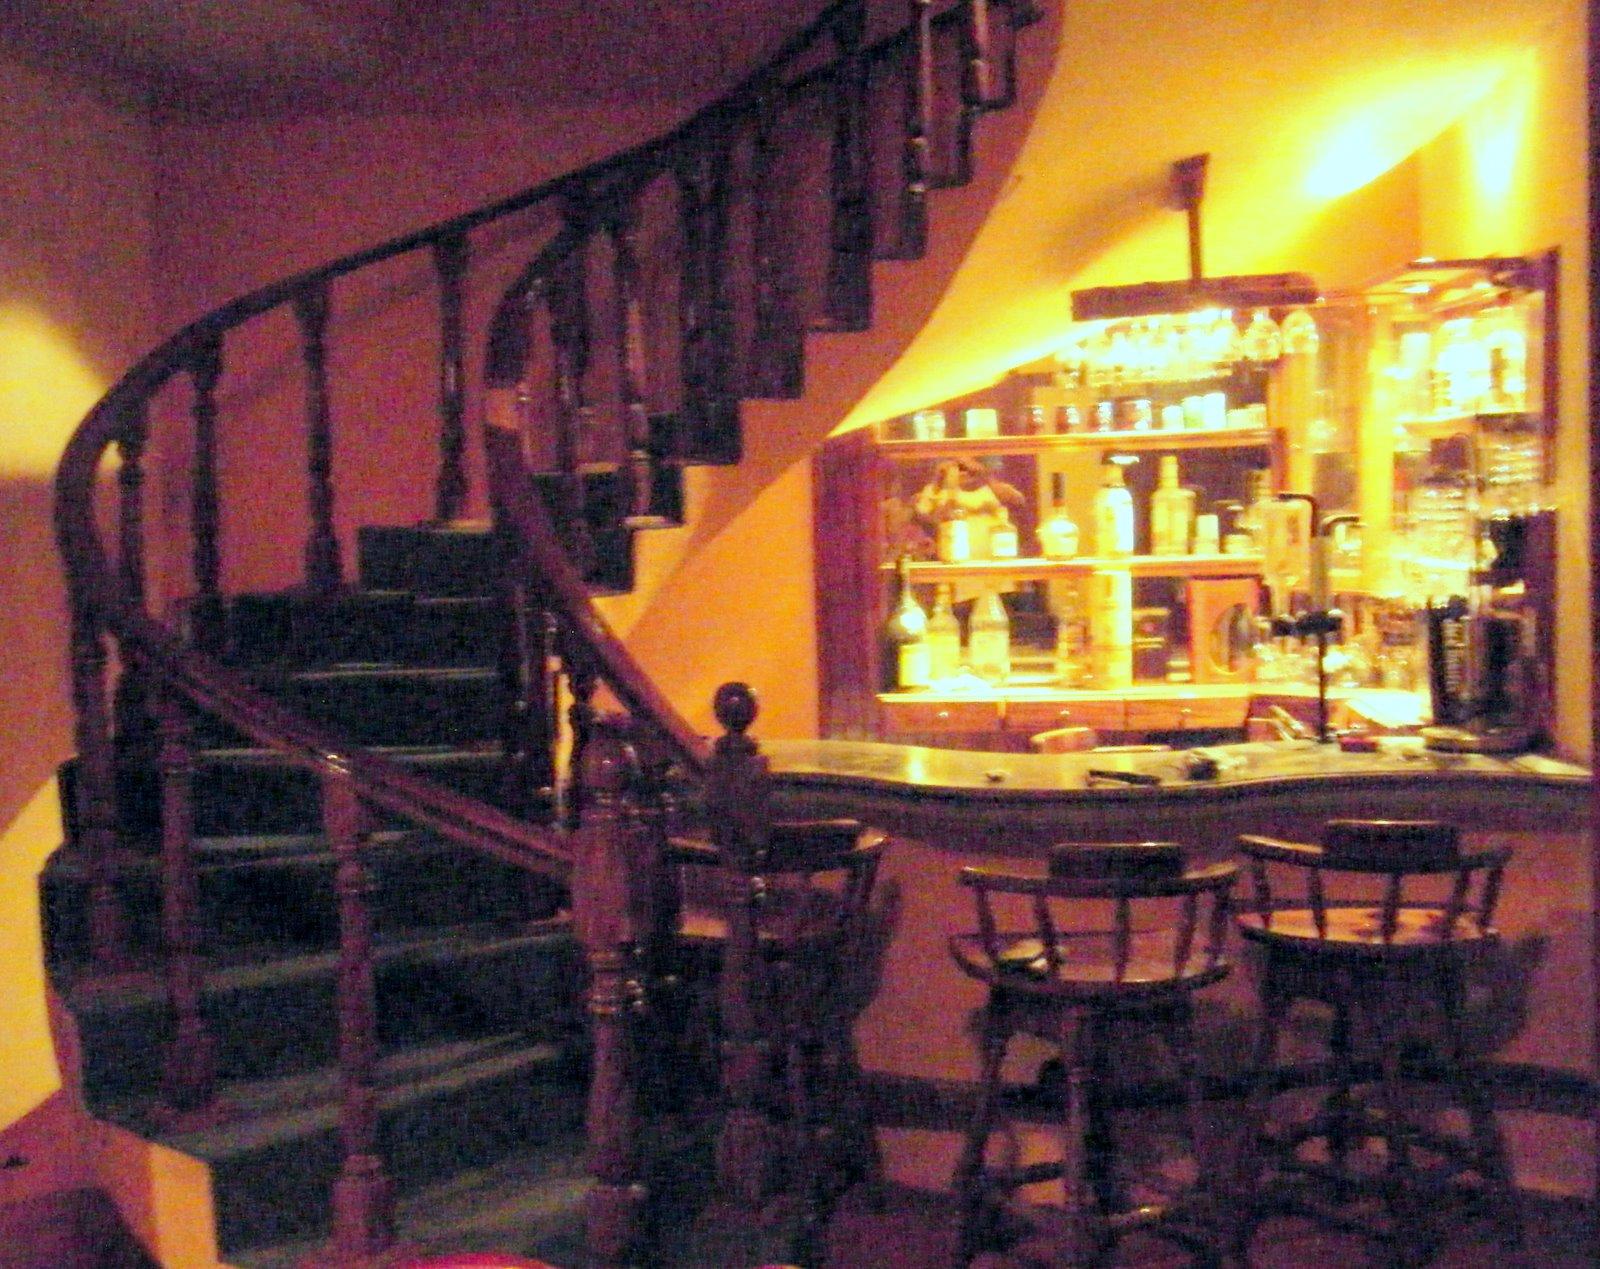 Puntos basicos carpinteria barra y contrabarra bajo for Barra bajo escalera